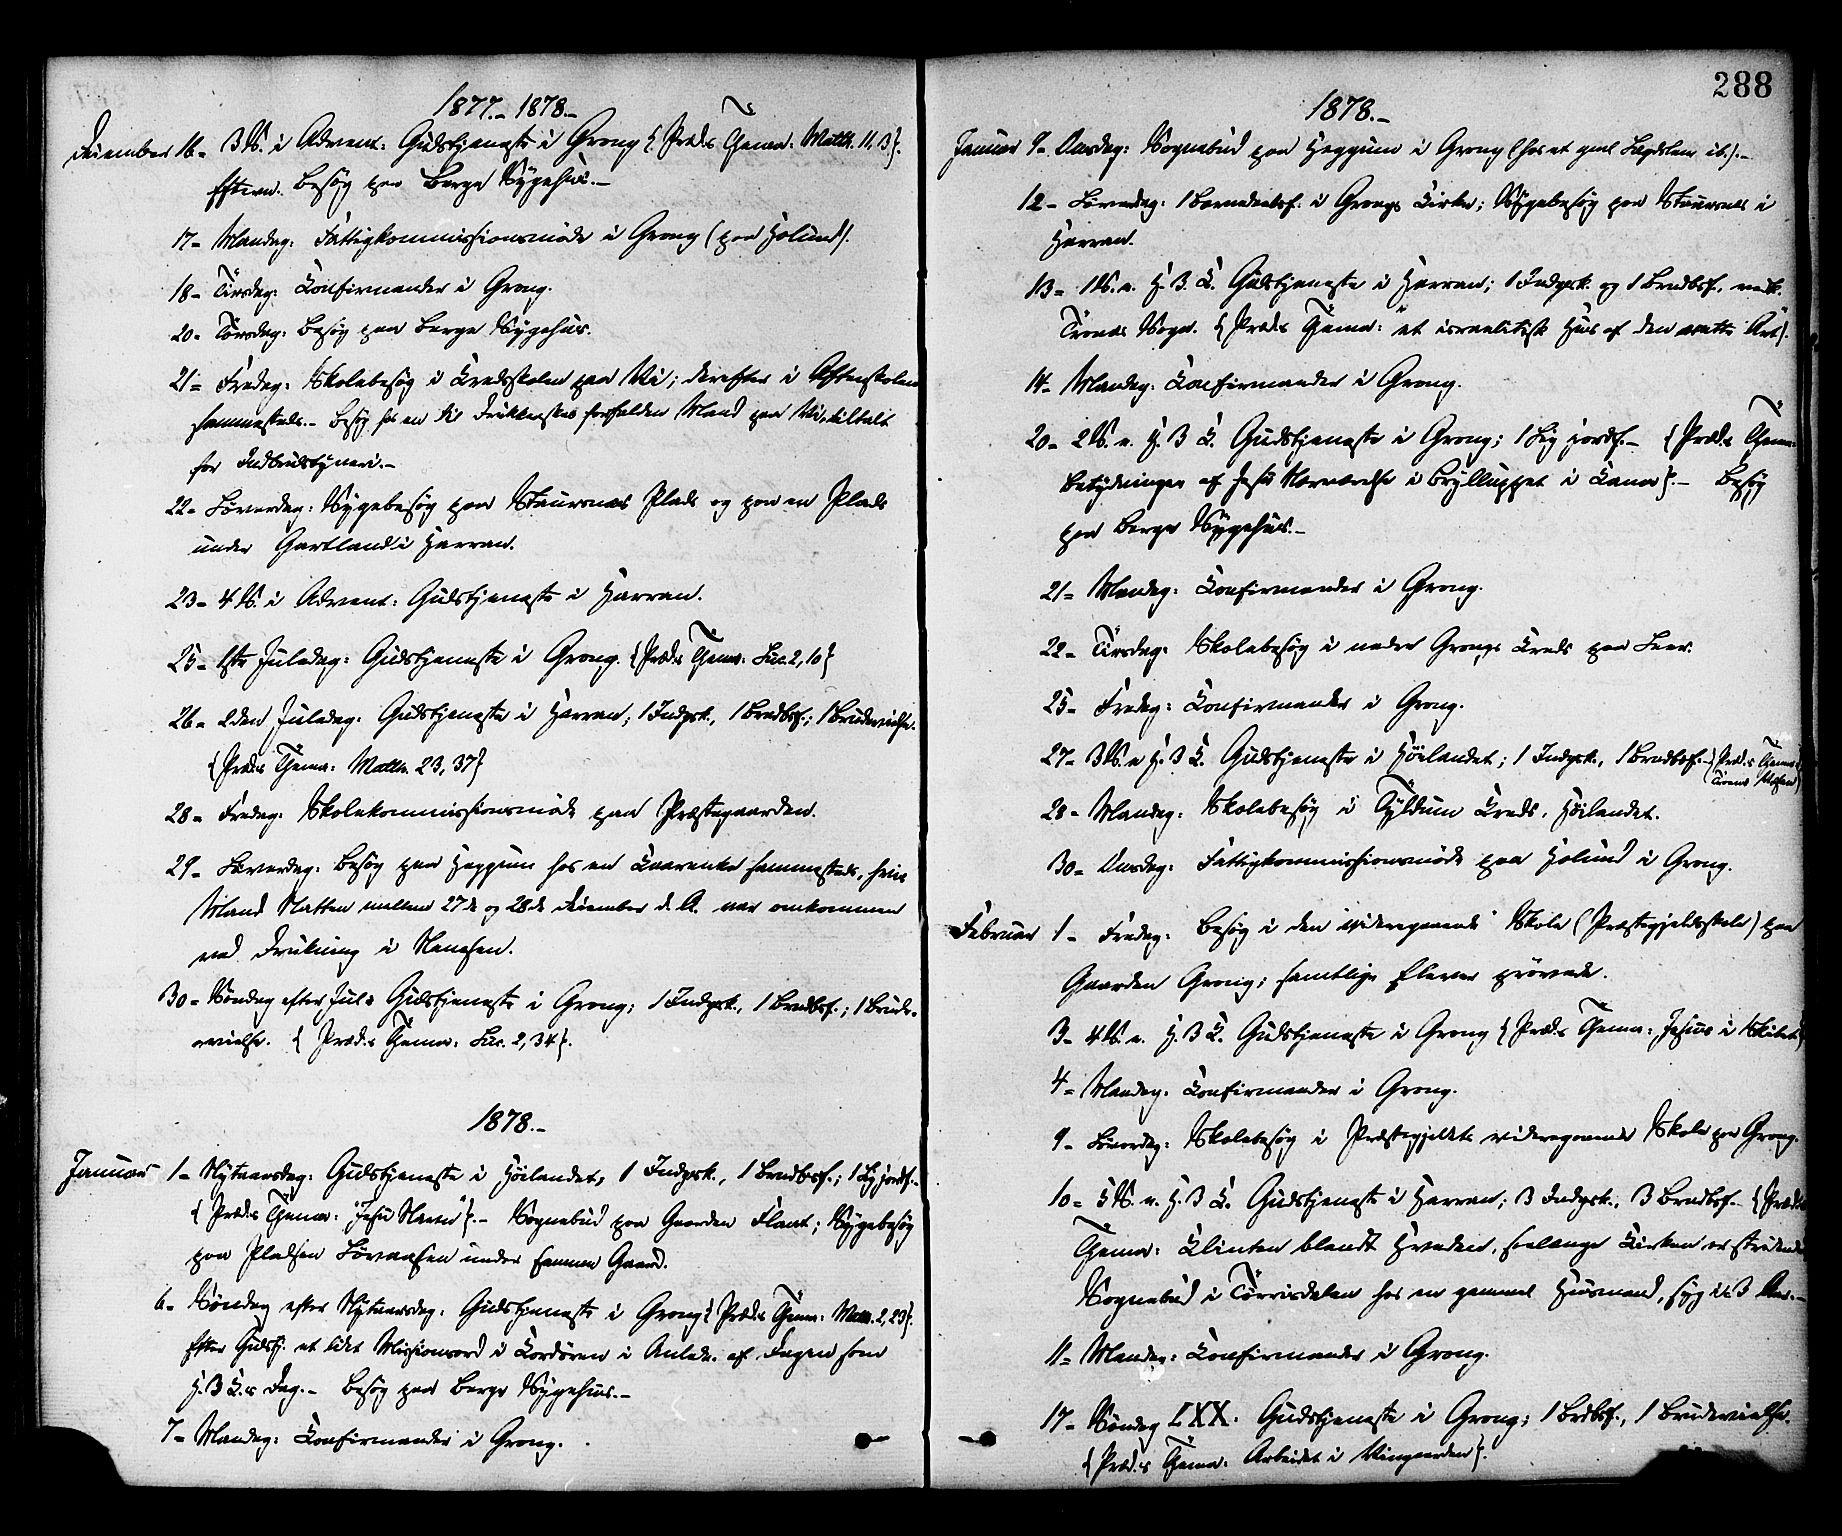 SAT, Ministerialprotokoller, klokkerbøker og fødselsregistre - Nord-Trøndelag, 758/L0516: Ministerialbok nr. 758A03 /1, 1869-1879, s. 288